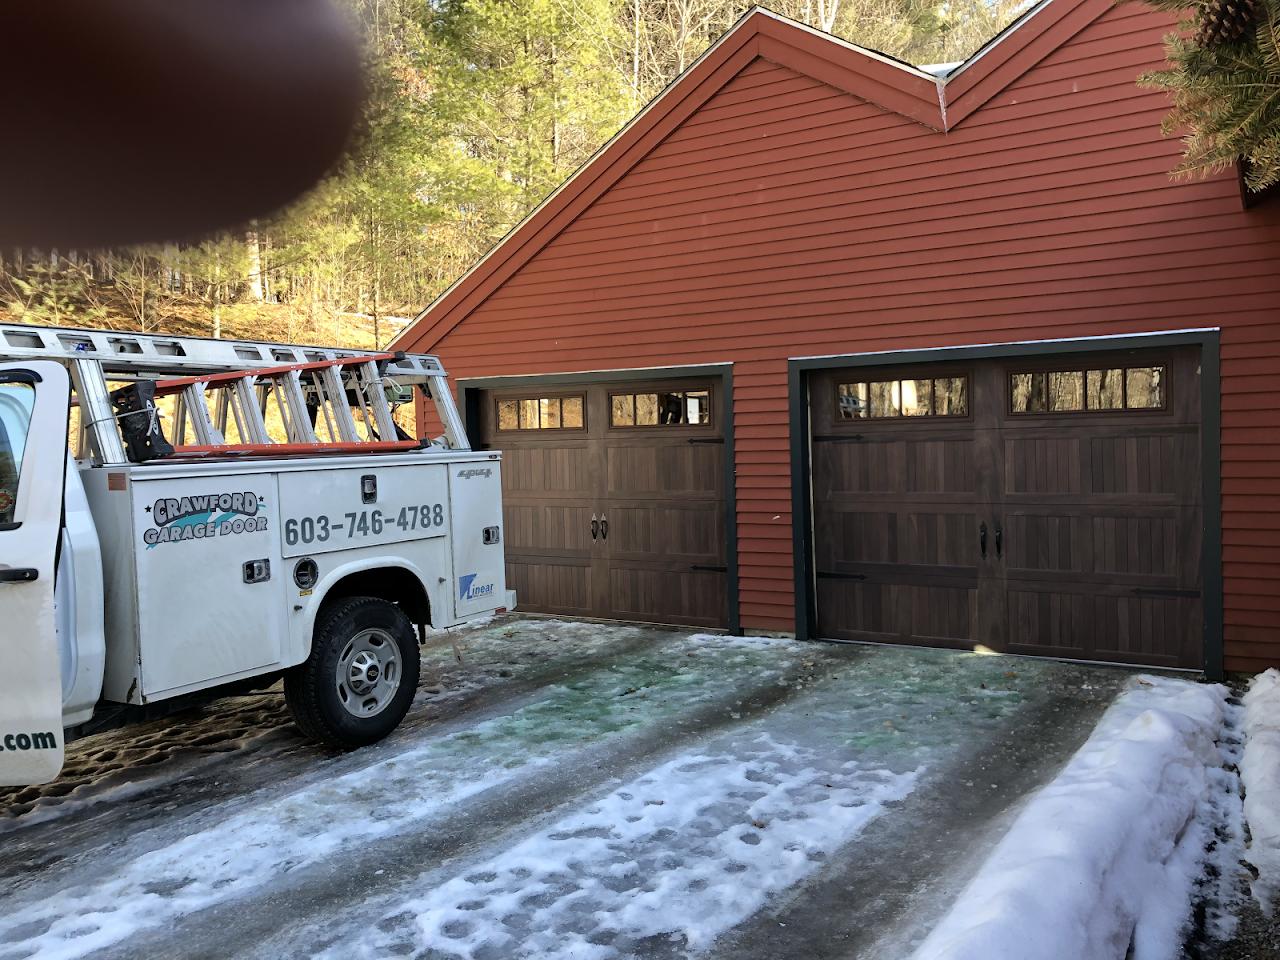 Crawford garage door co. - Garage Door Supplier in Hopkinton